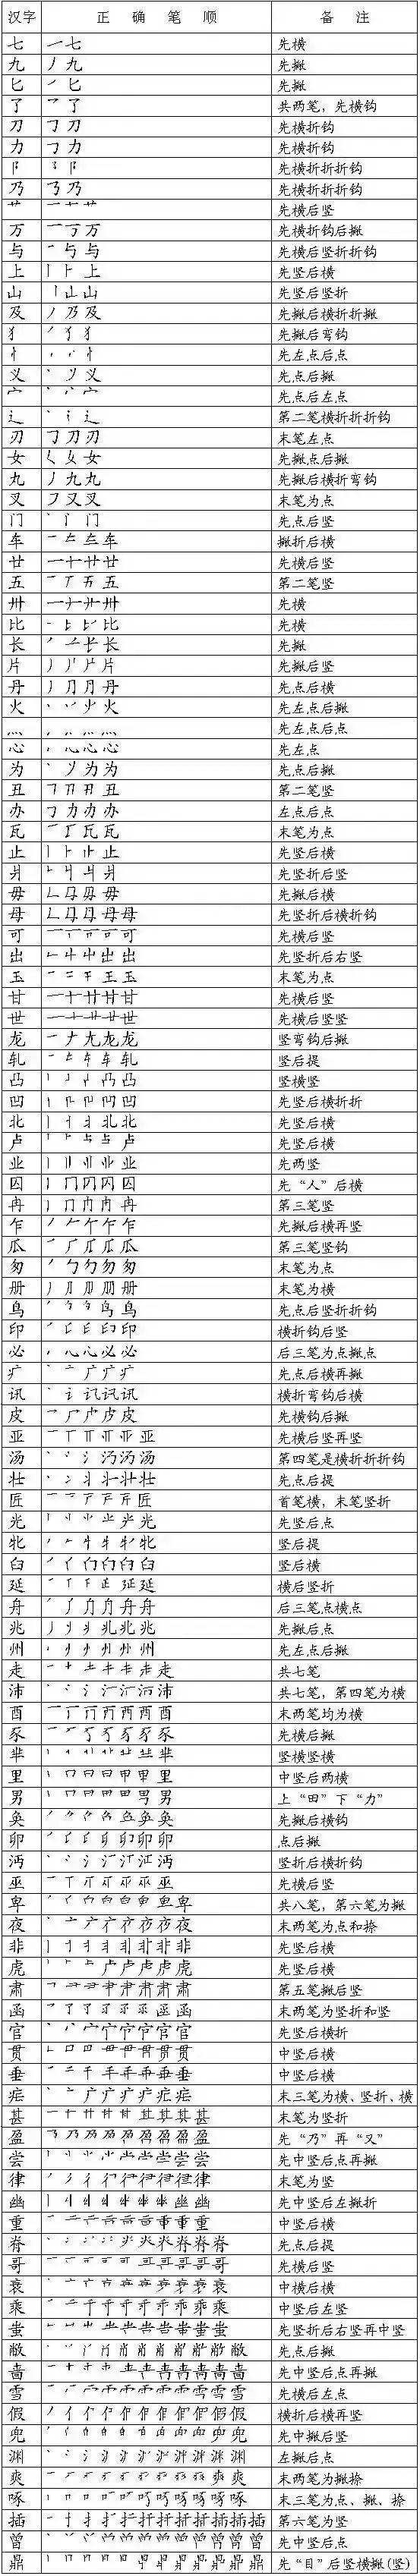 超全汉字基础知识一览表 笔画名称 书写规则 笔顺易错字